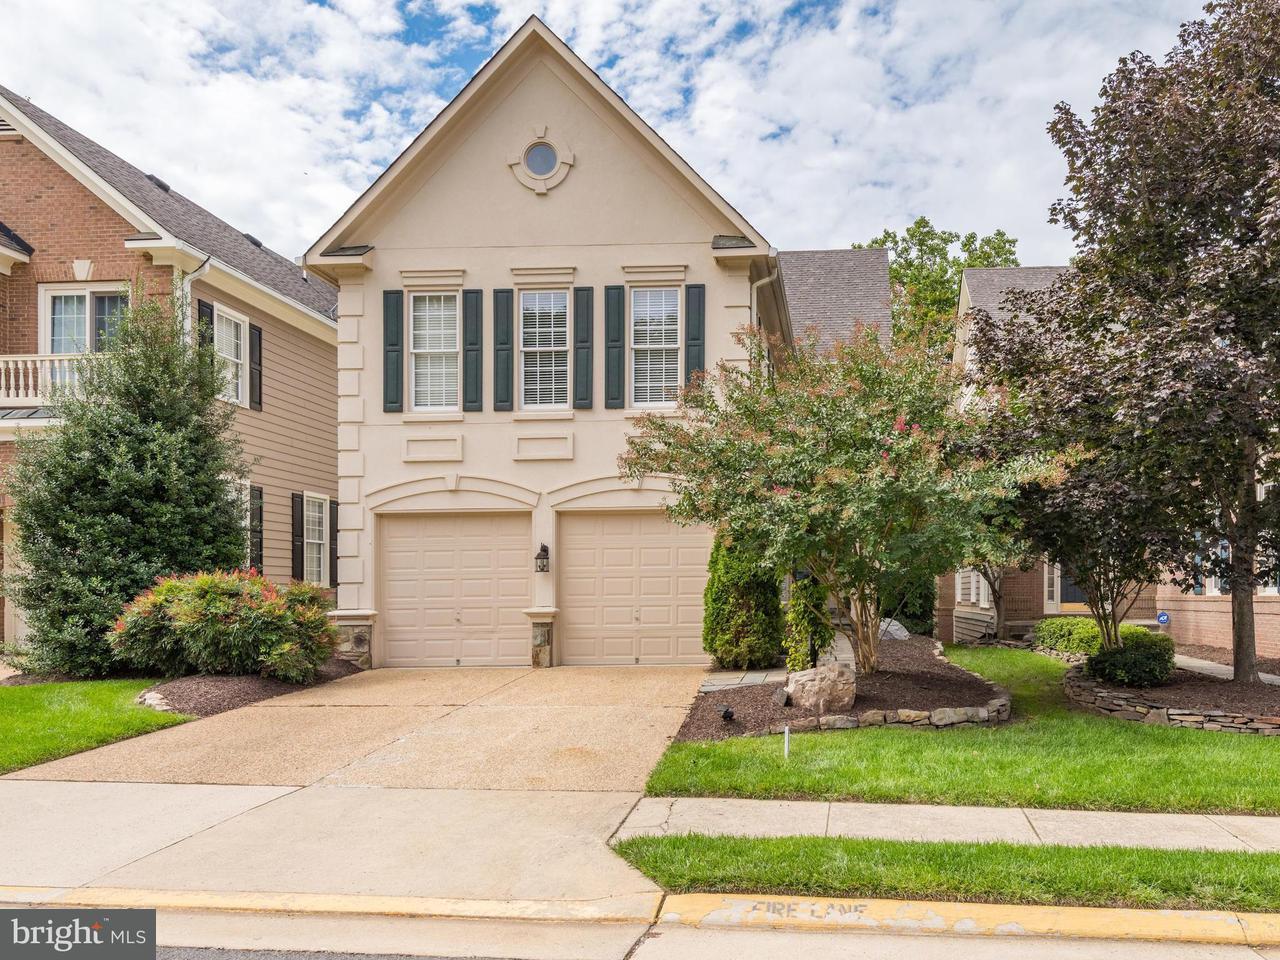 独户住宅 为 销售 在 20271 ISLAND VIEW Court 20271 ISLAND VIEW Court Sterling, 弗吉尼亚州 20165 美国